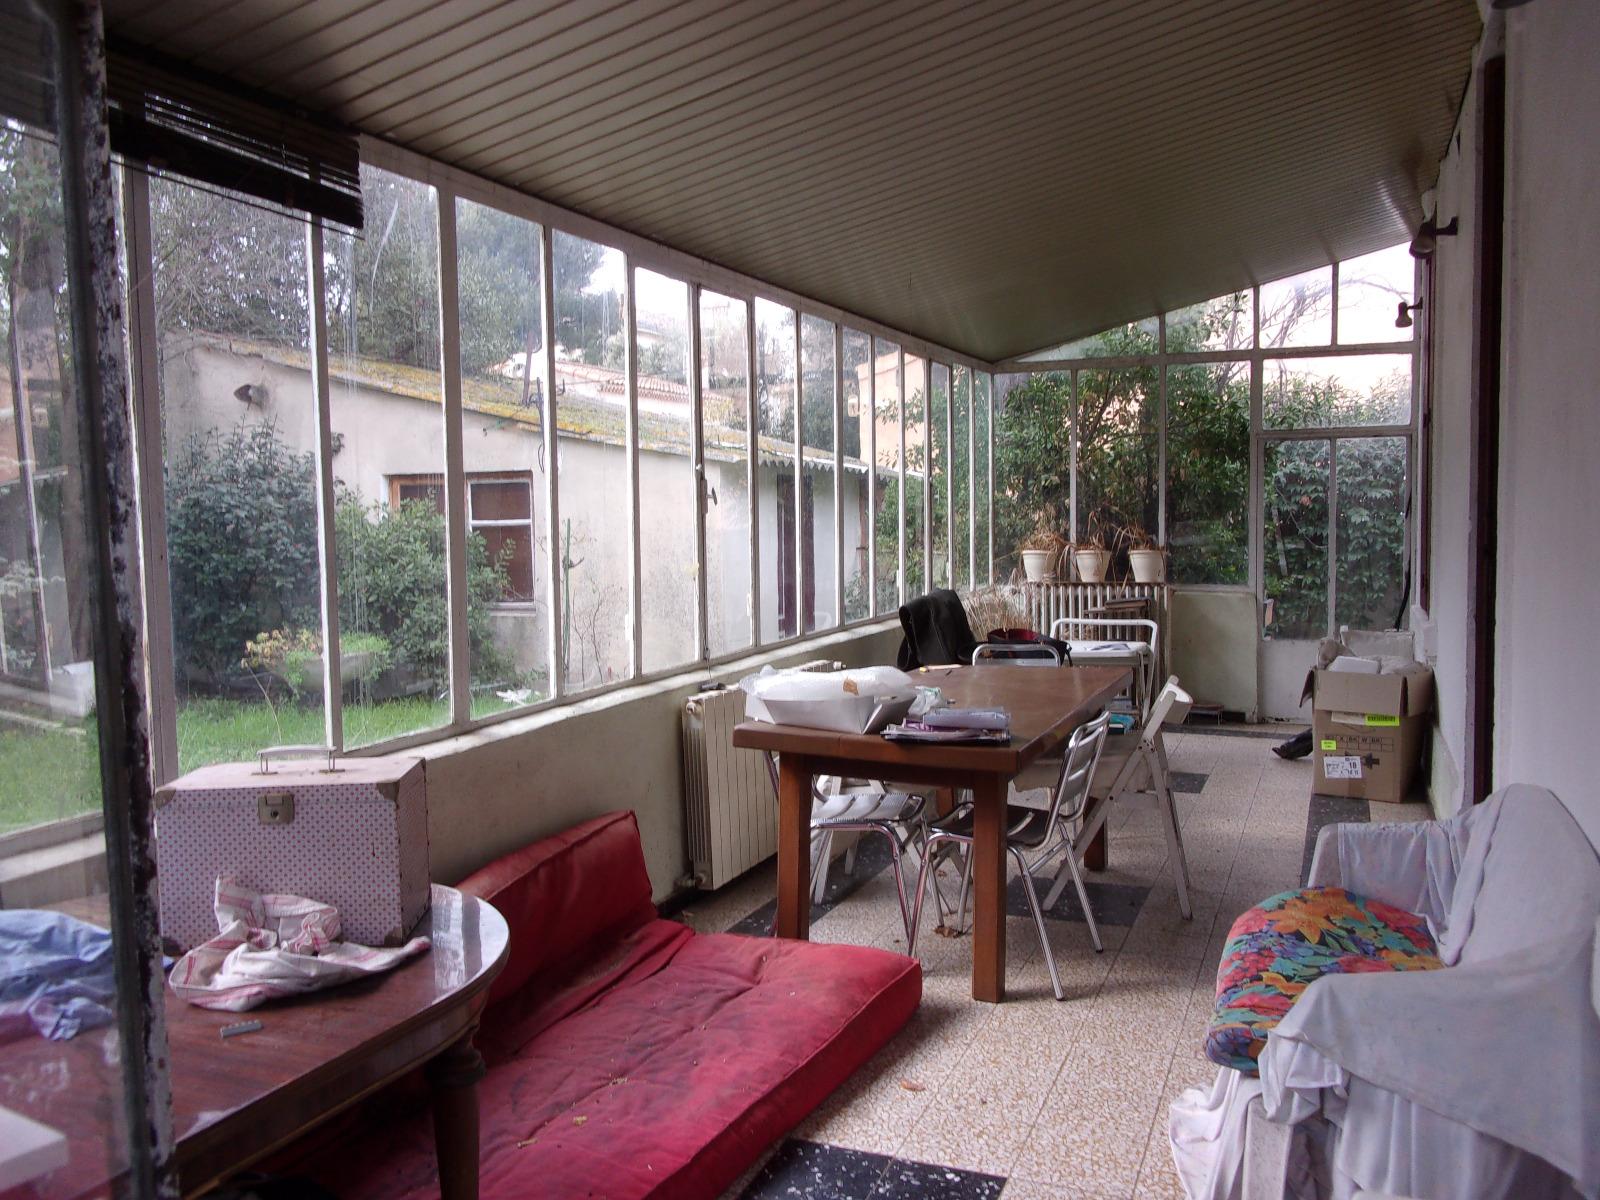 Mazargues 13009 maison t4 r nover 103m2 la cl du for Achat maison 13009